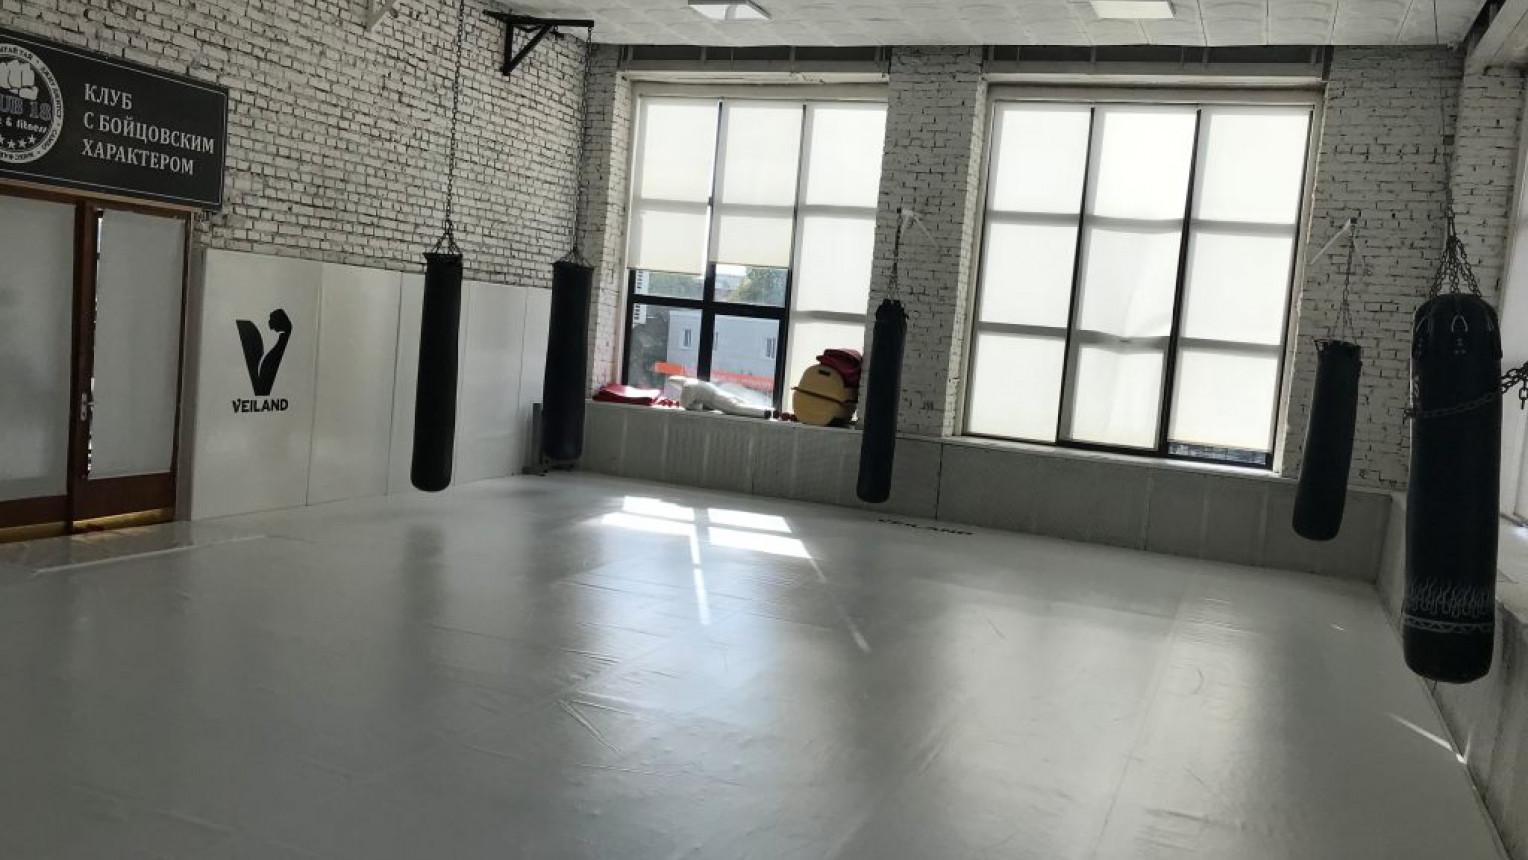 Мягкий зал №1 боевых искусств - фото №1